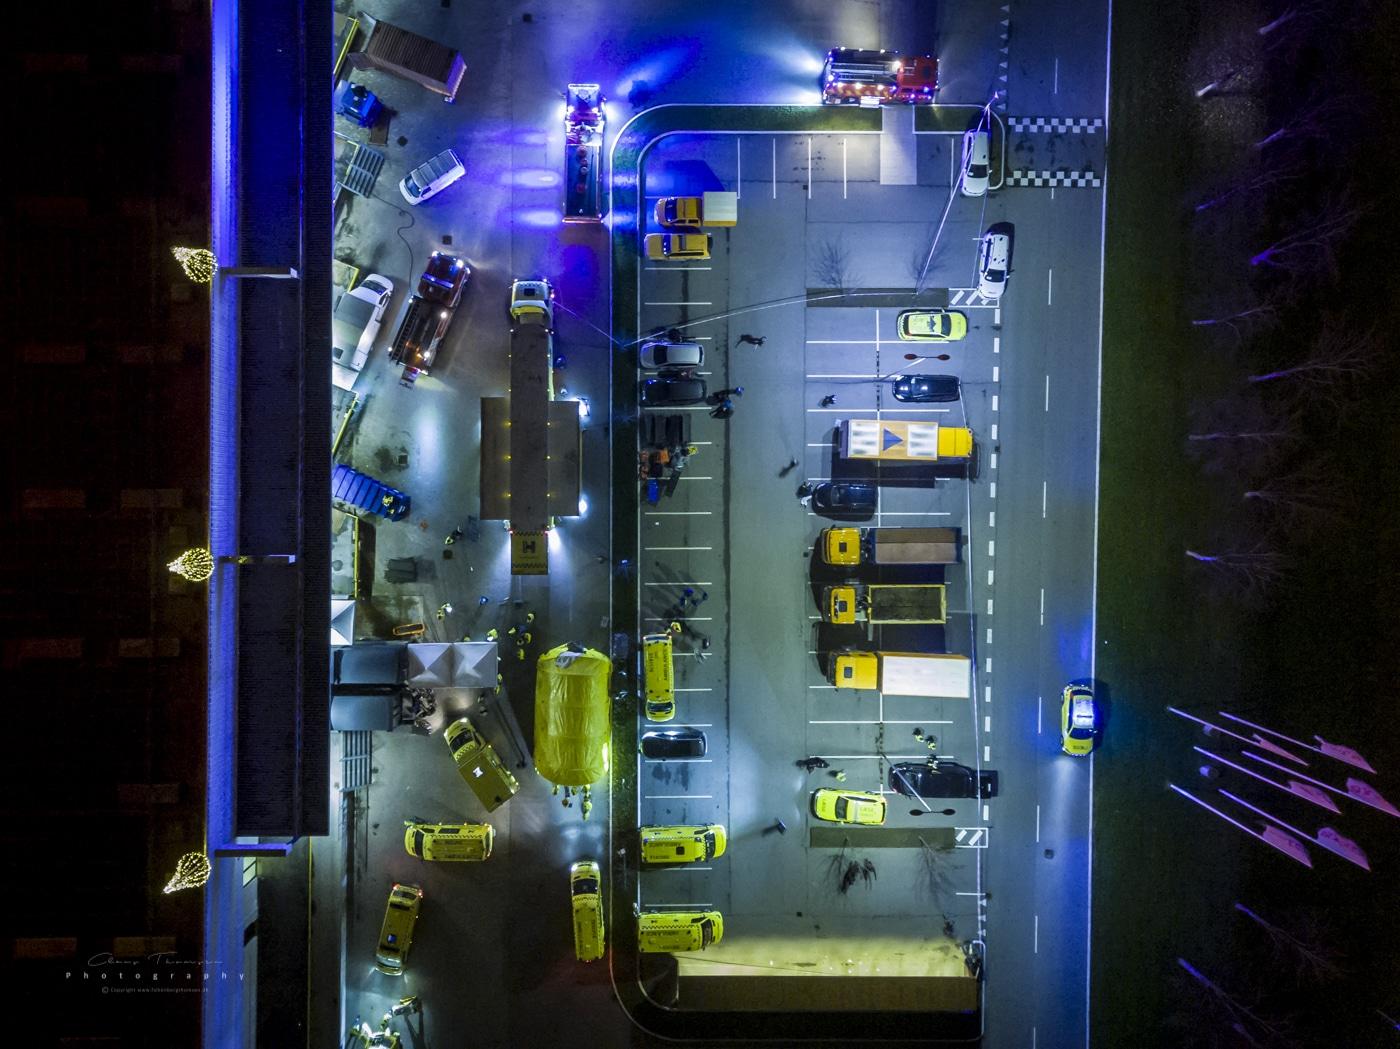 Akutberedskabets behandlingsplads udenfor City 2, hvor bl.a. akutberedskabets nye mobile behandlingsplads kan behandle op til 40 tilskadekommende ad gangen.